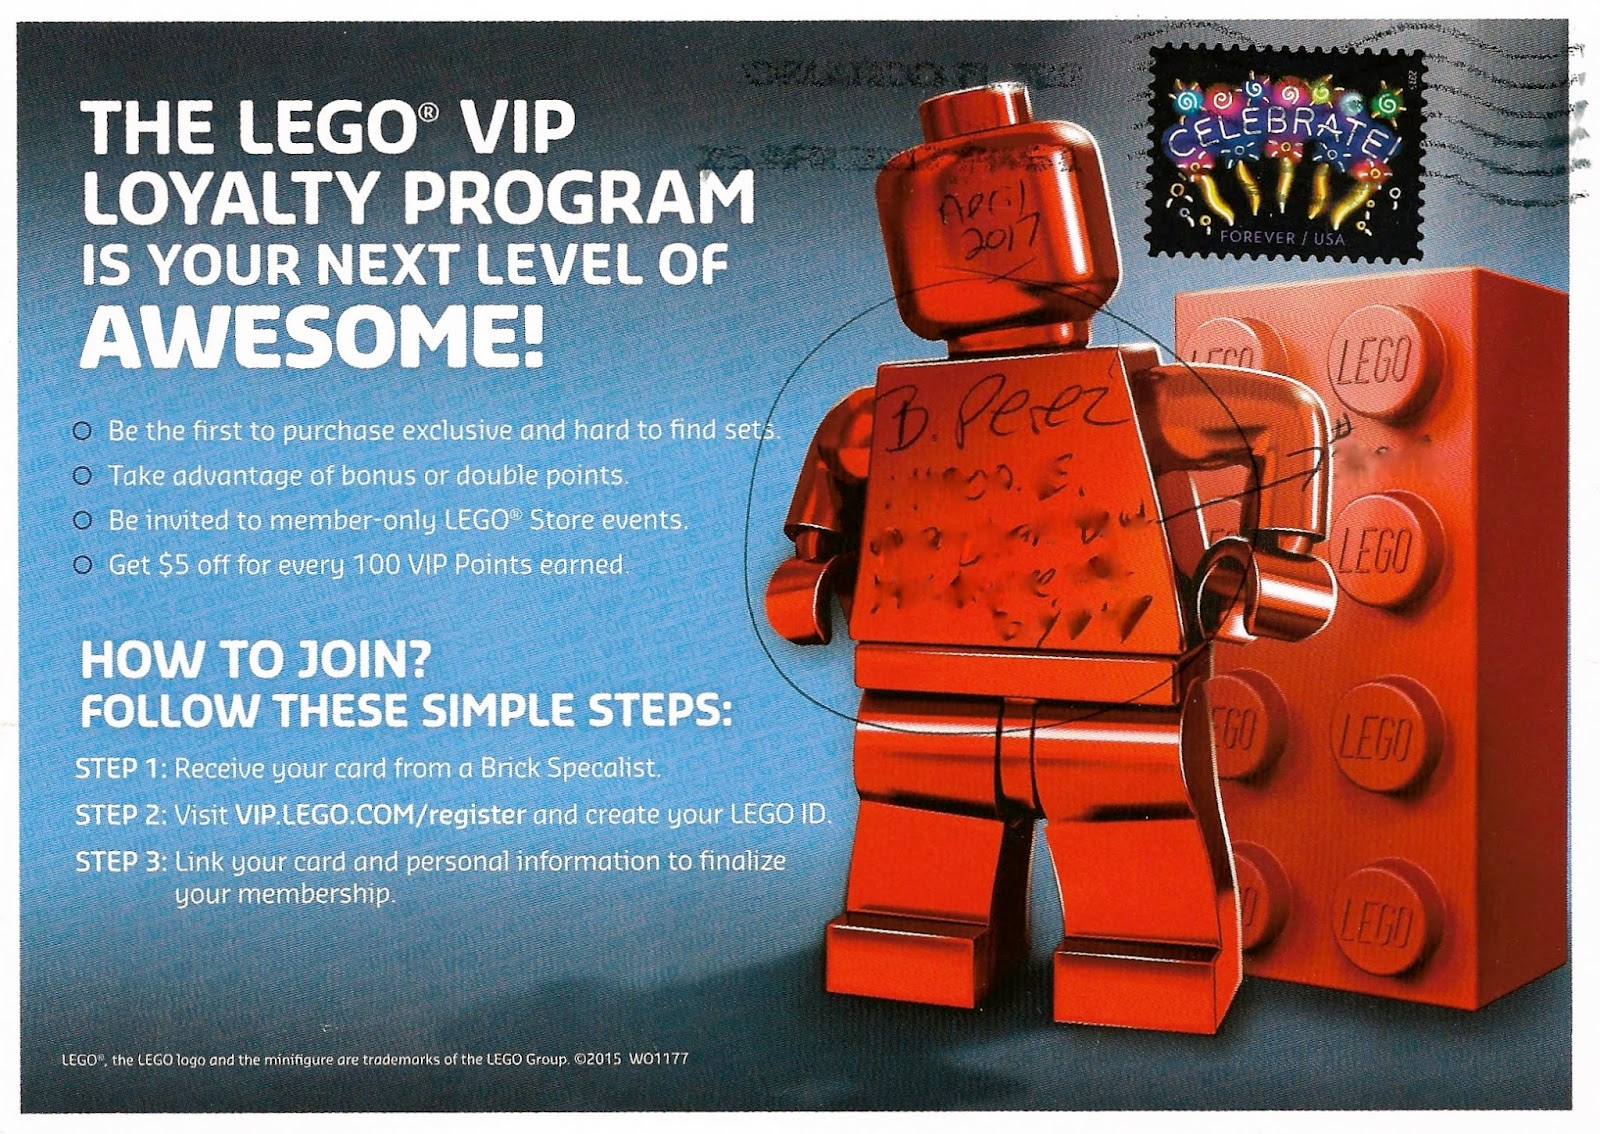 Vip.Lego.Com/Register